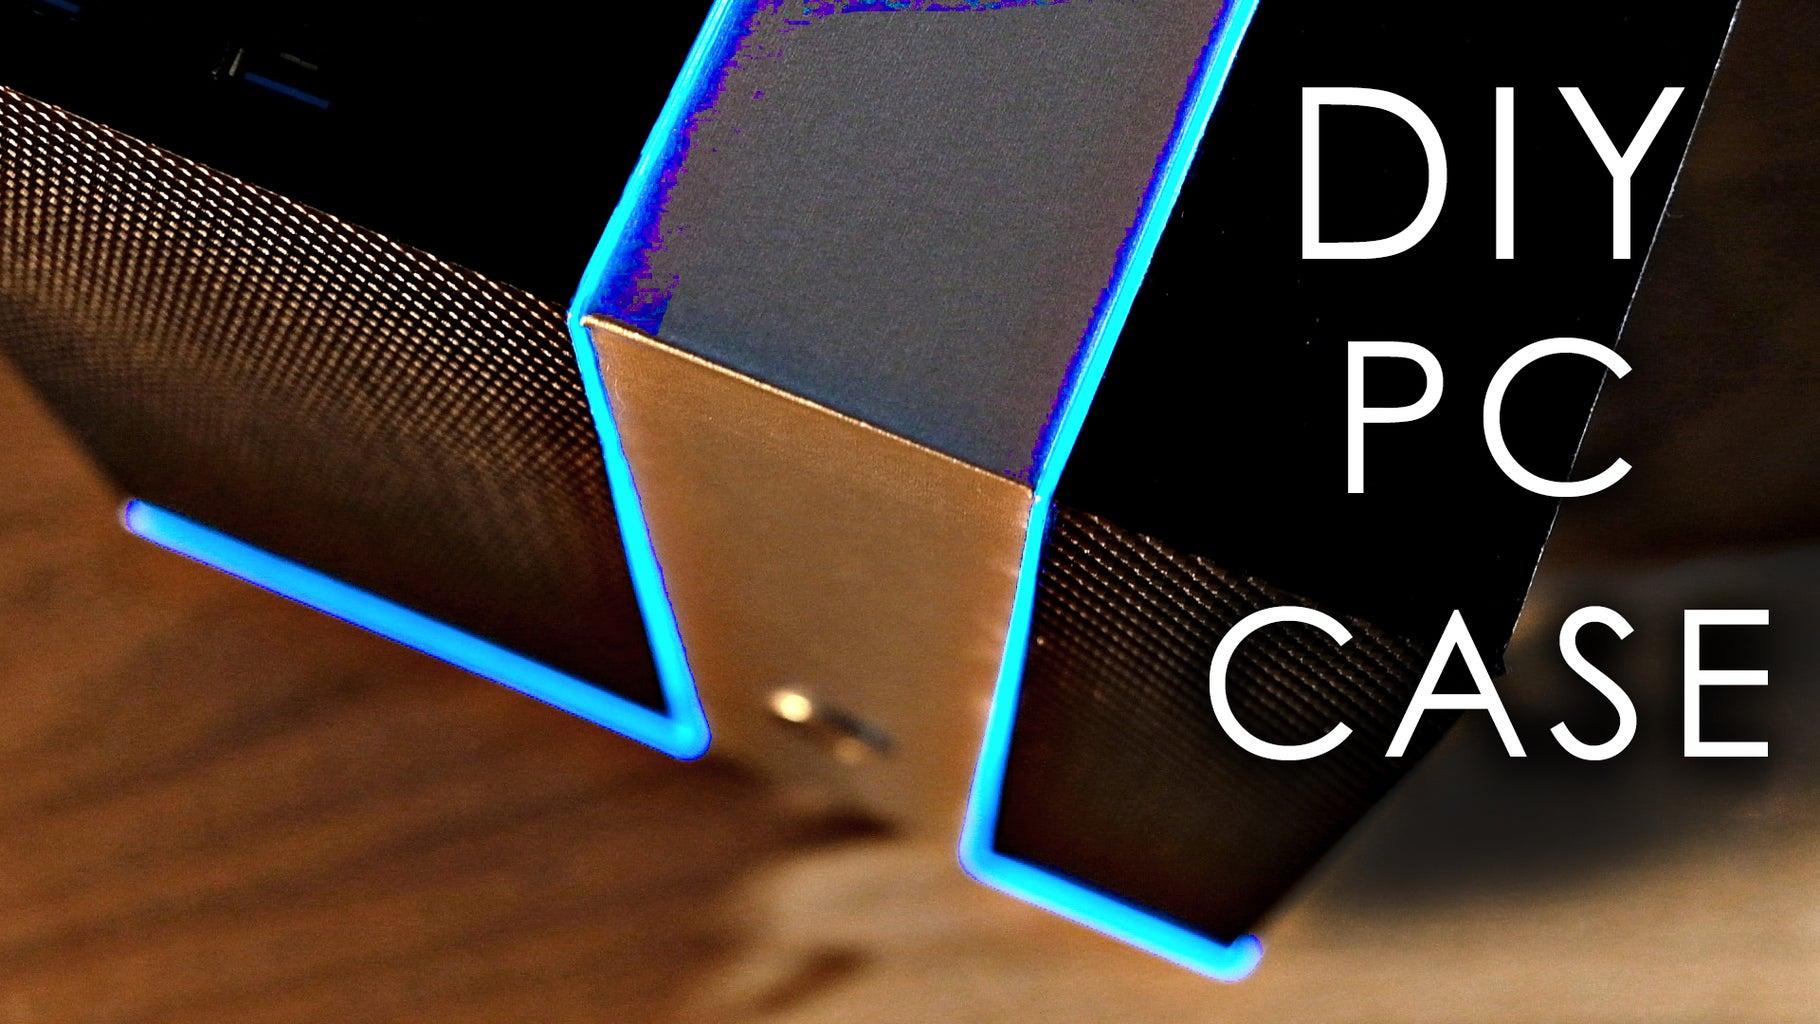 DIY PC Case